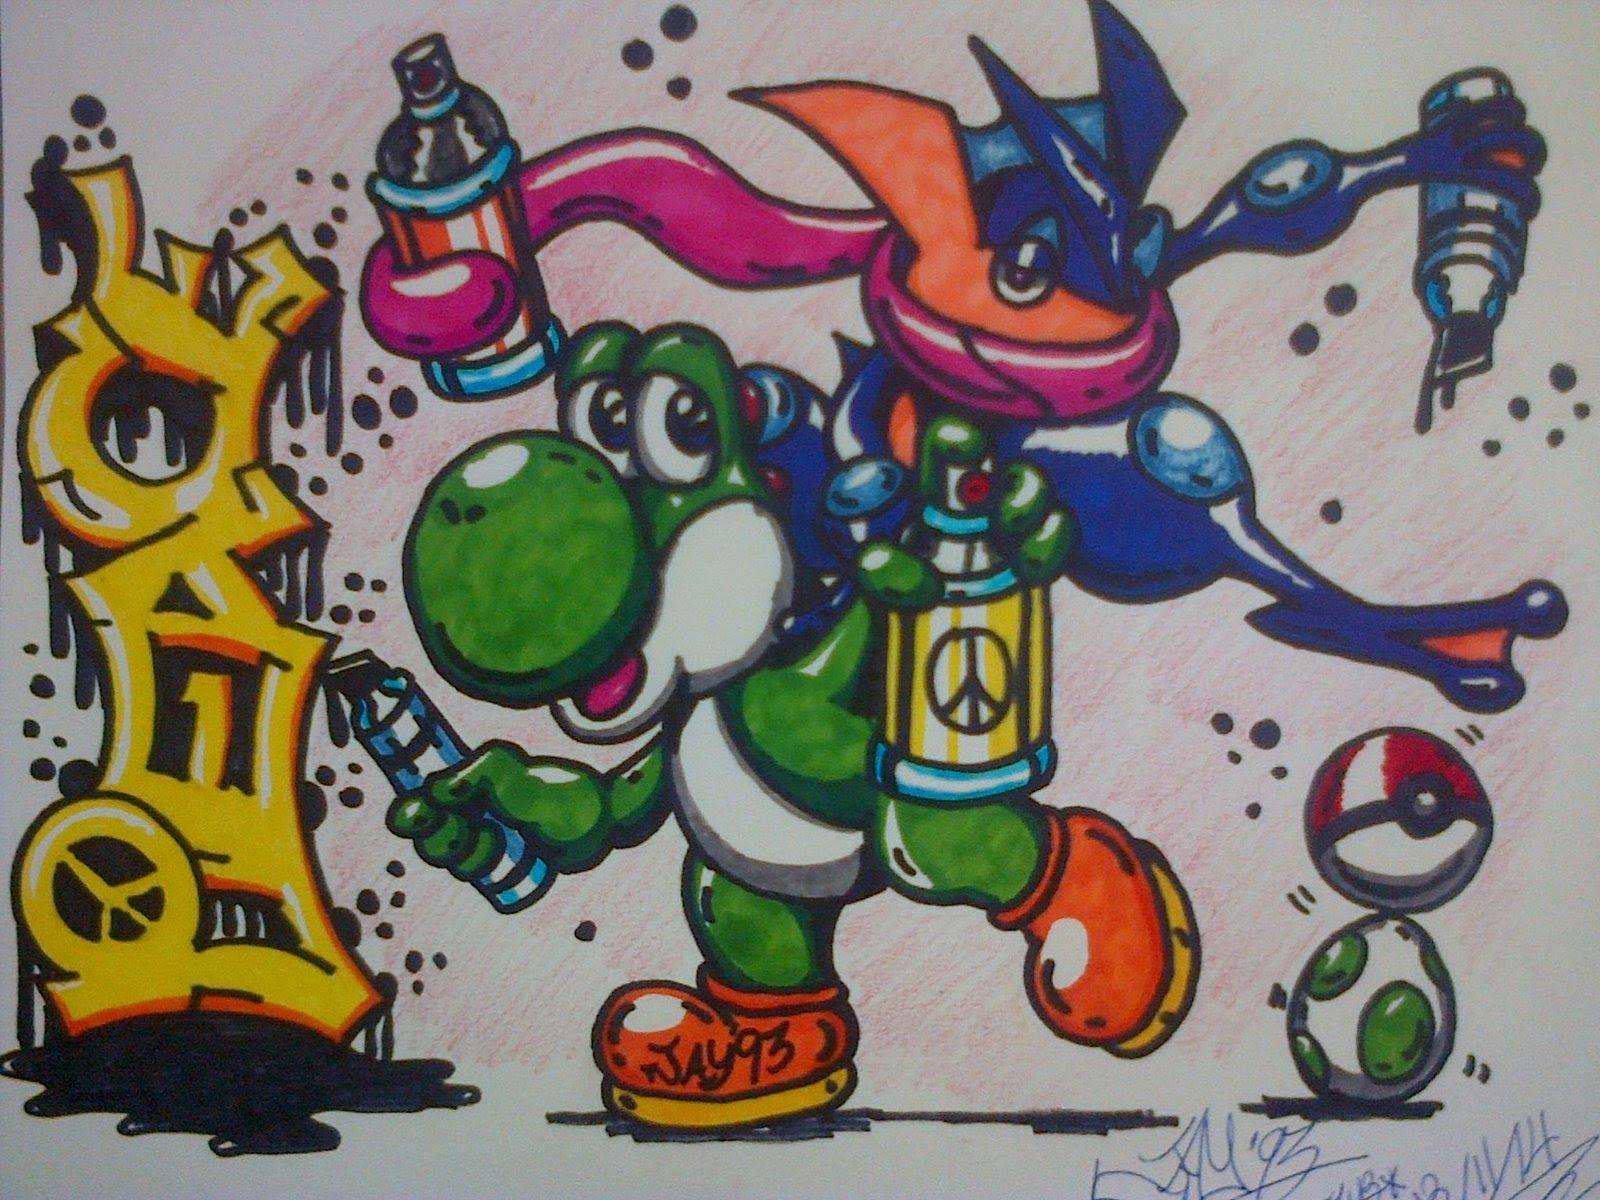 Kumpulan Gambar Dp BBM Keren Karakter Monster Sketch Ponsel Harian